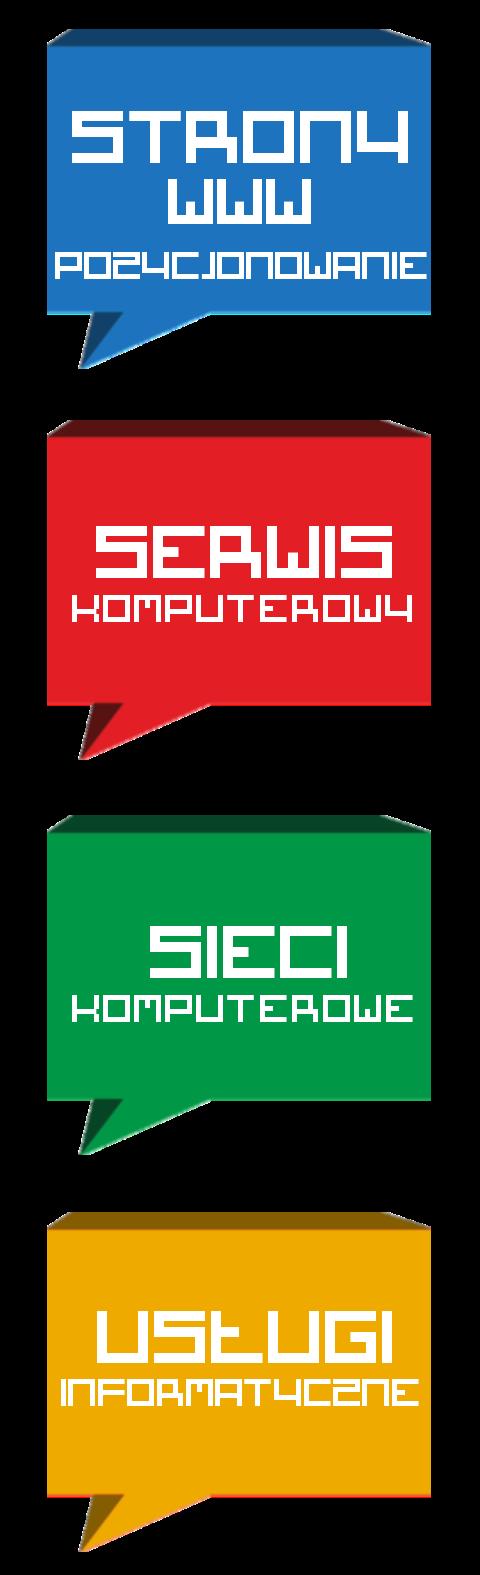 www.artw.pl - baner informacyjny